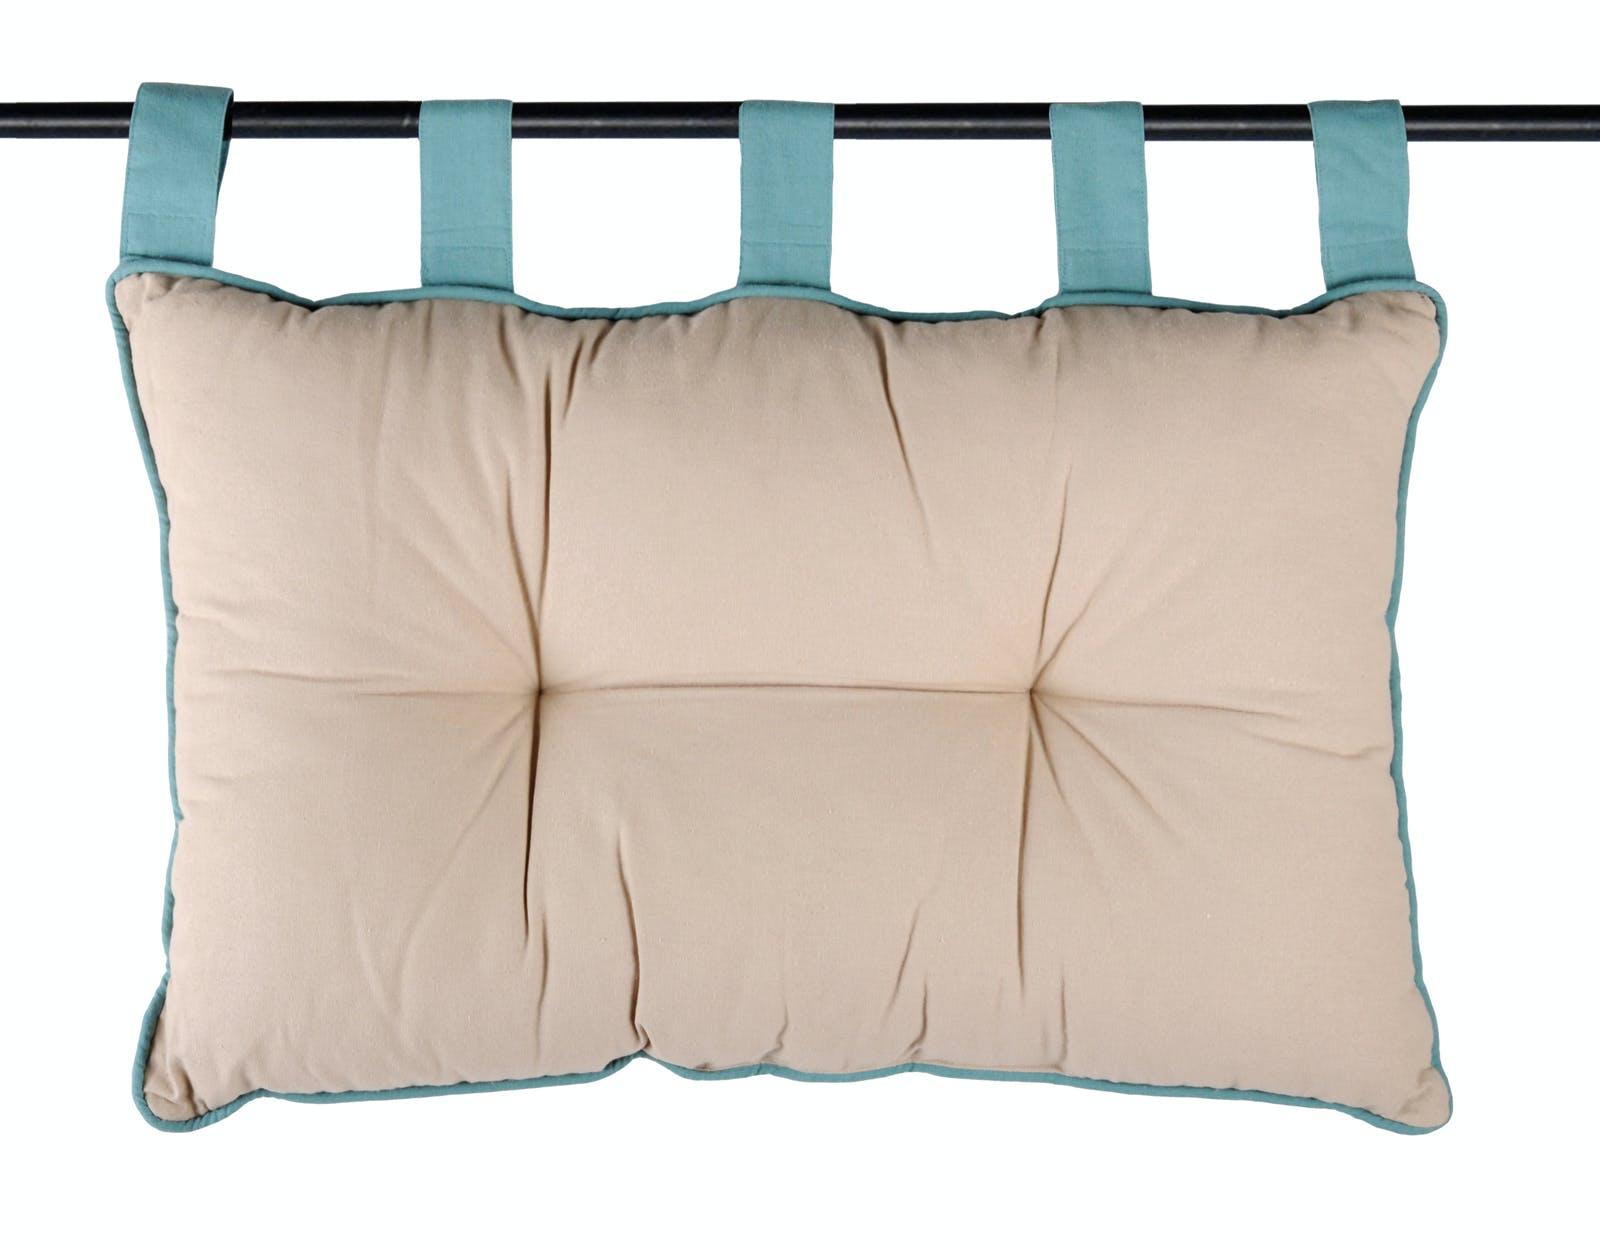 Tête de lit couleur lin et passepoil bleu 45x70cm 100% coton DUO